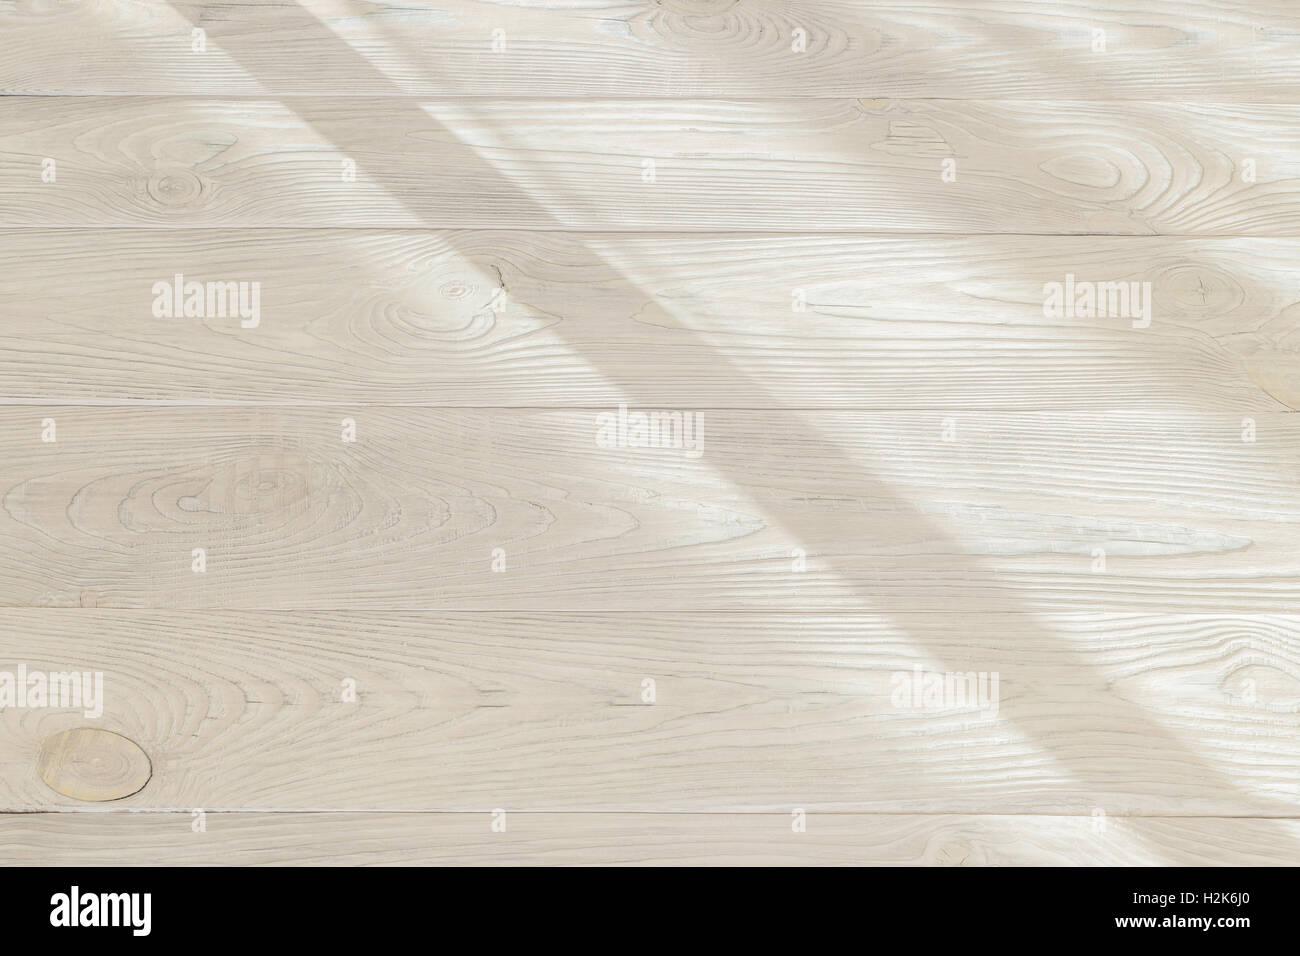 Legno Naturale Bianco : Bianco invecchiato in legno naturale consistenza foto immagine